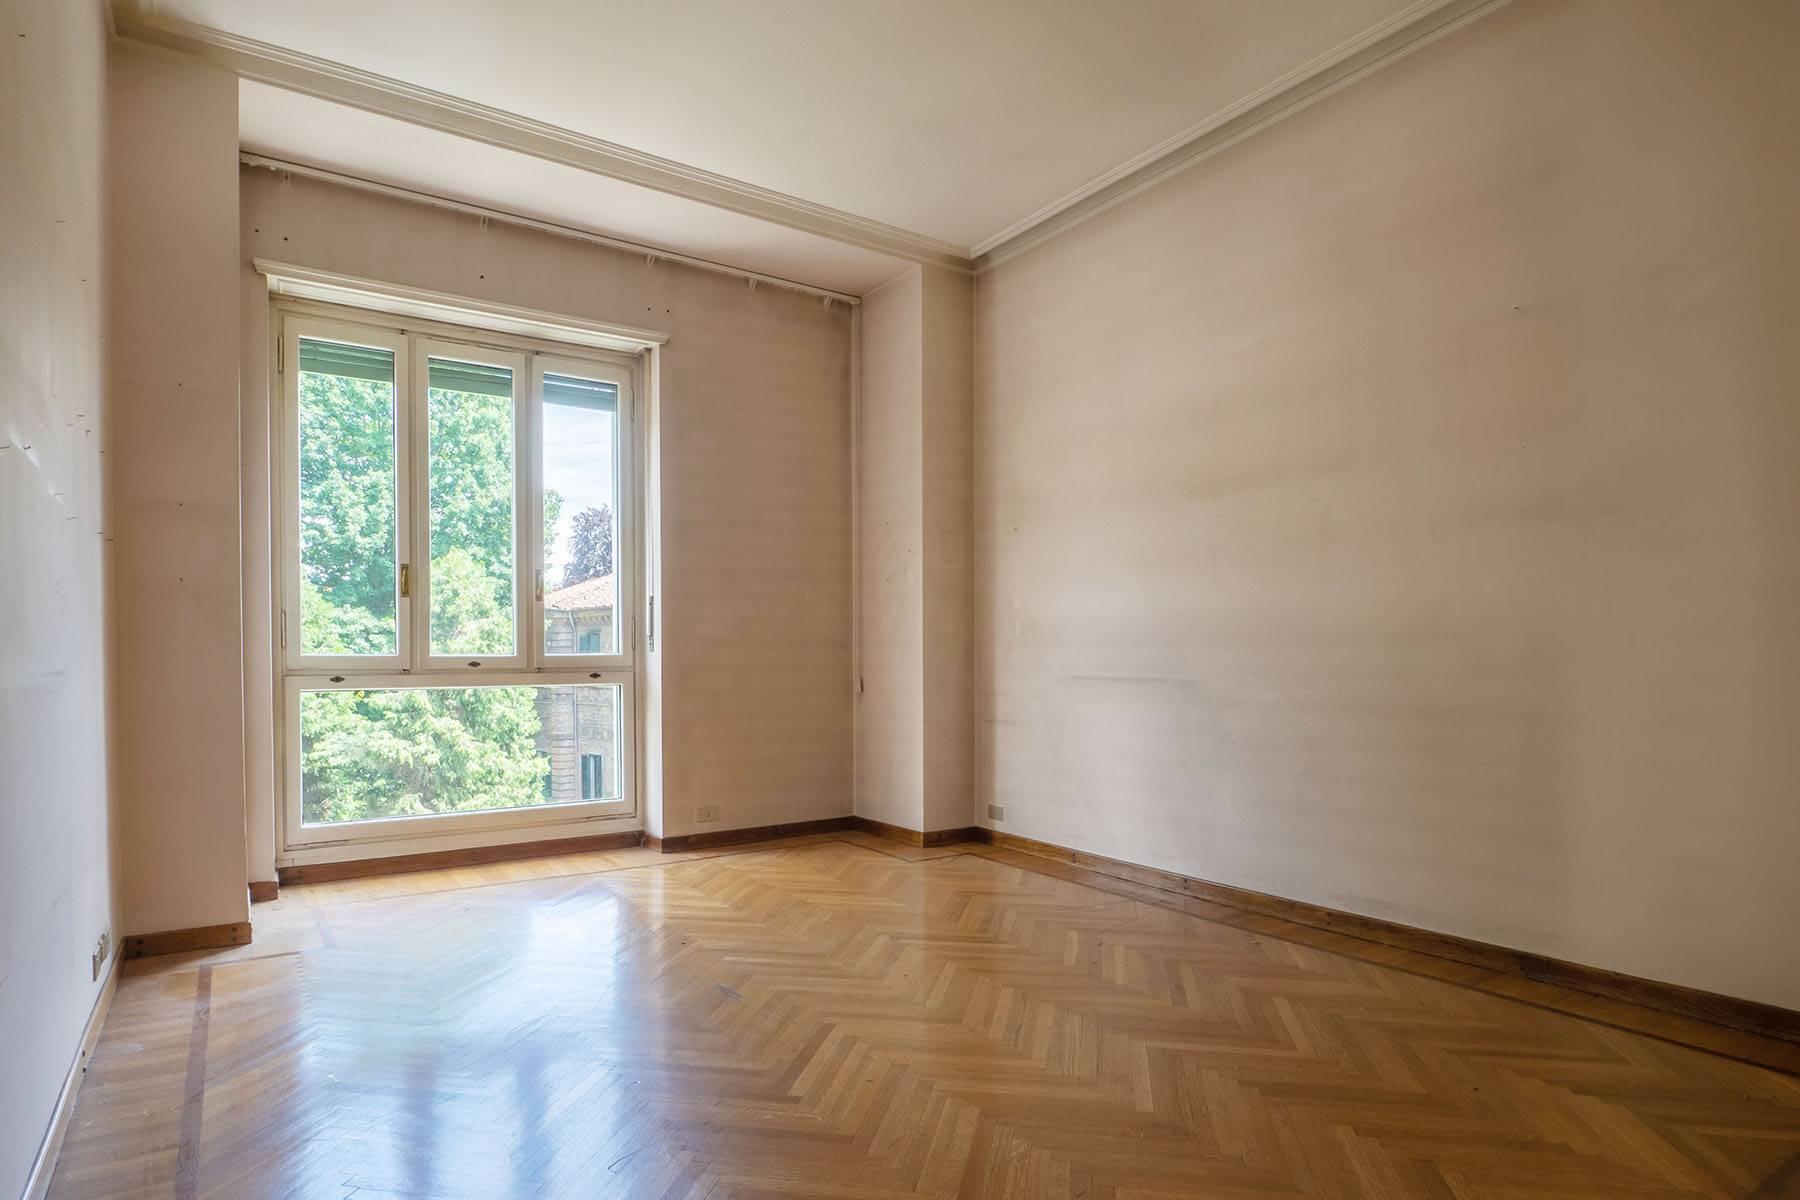 Appartamento in Vendita a Torino: 4 locali, 181 mq - Foto 15